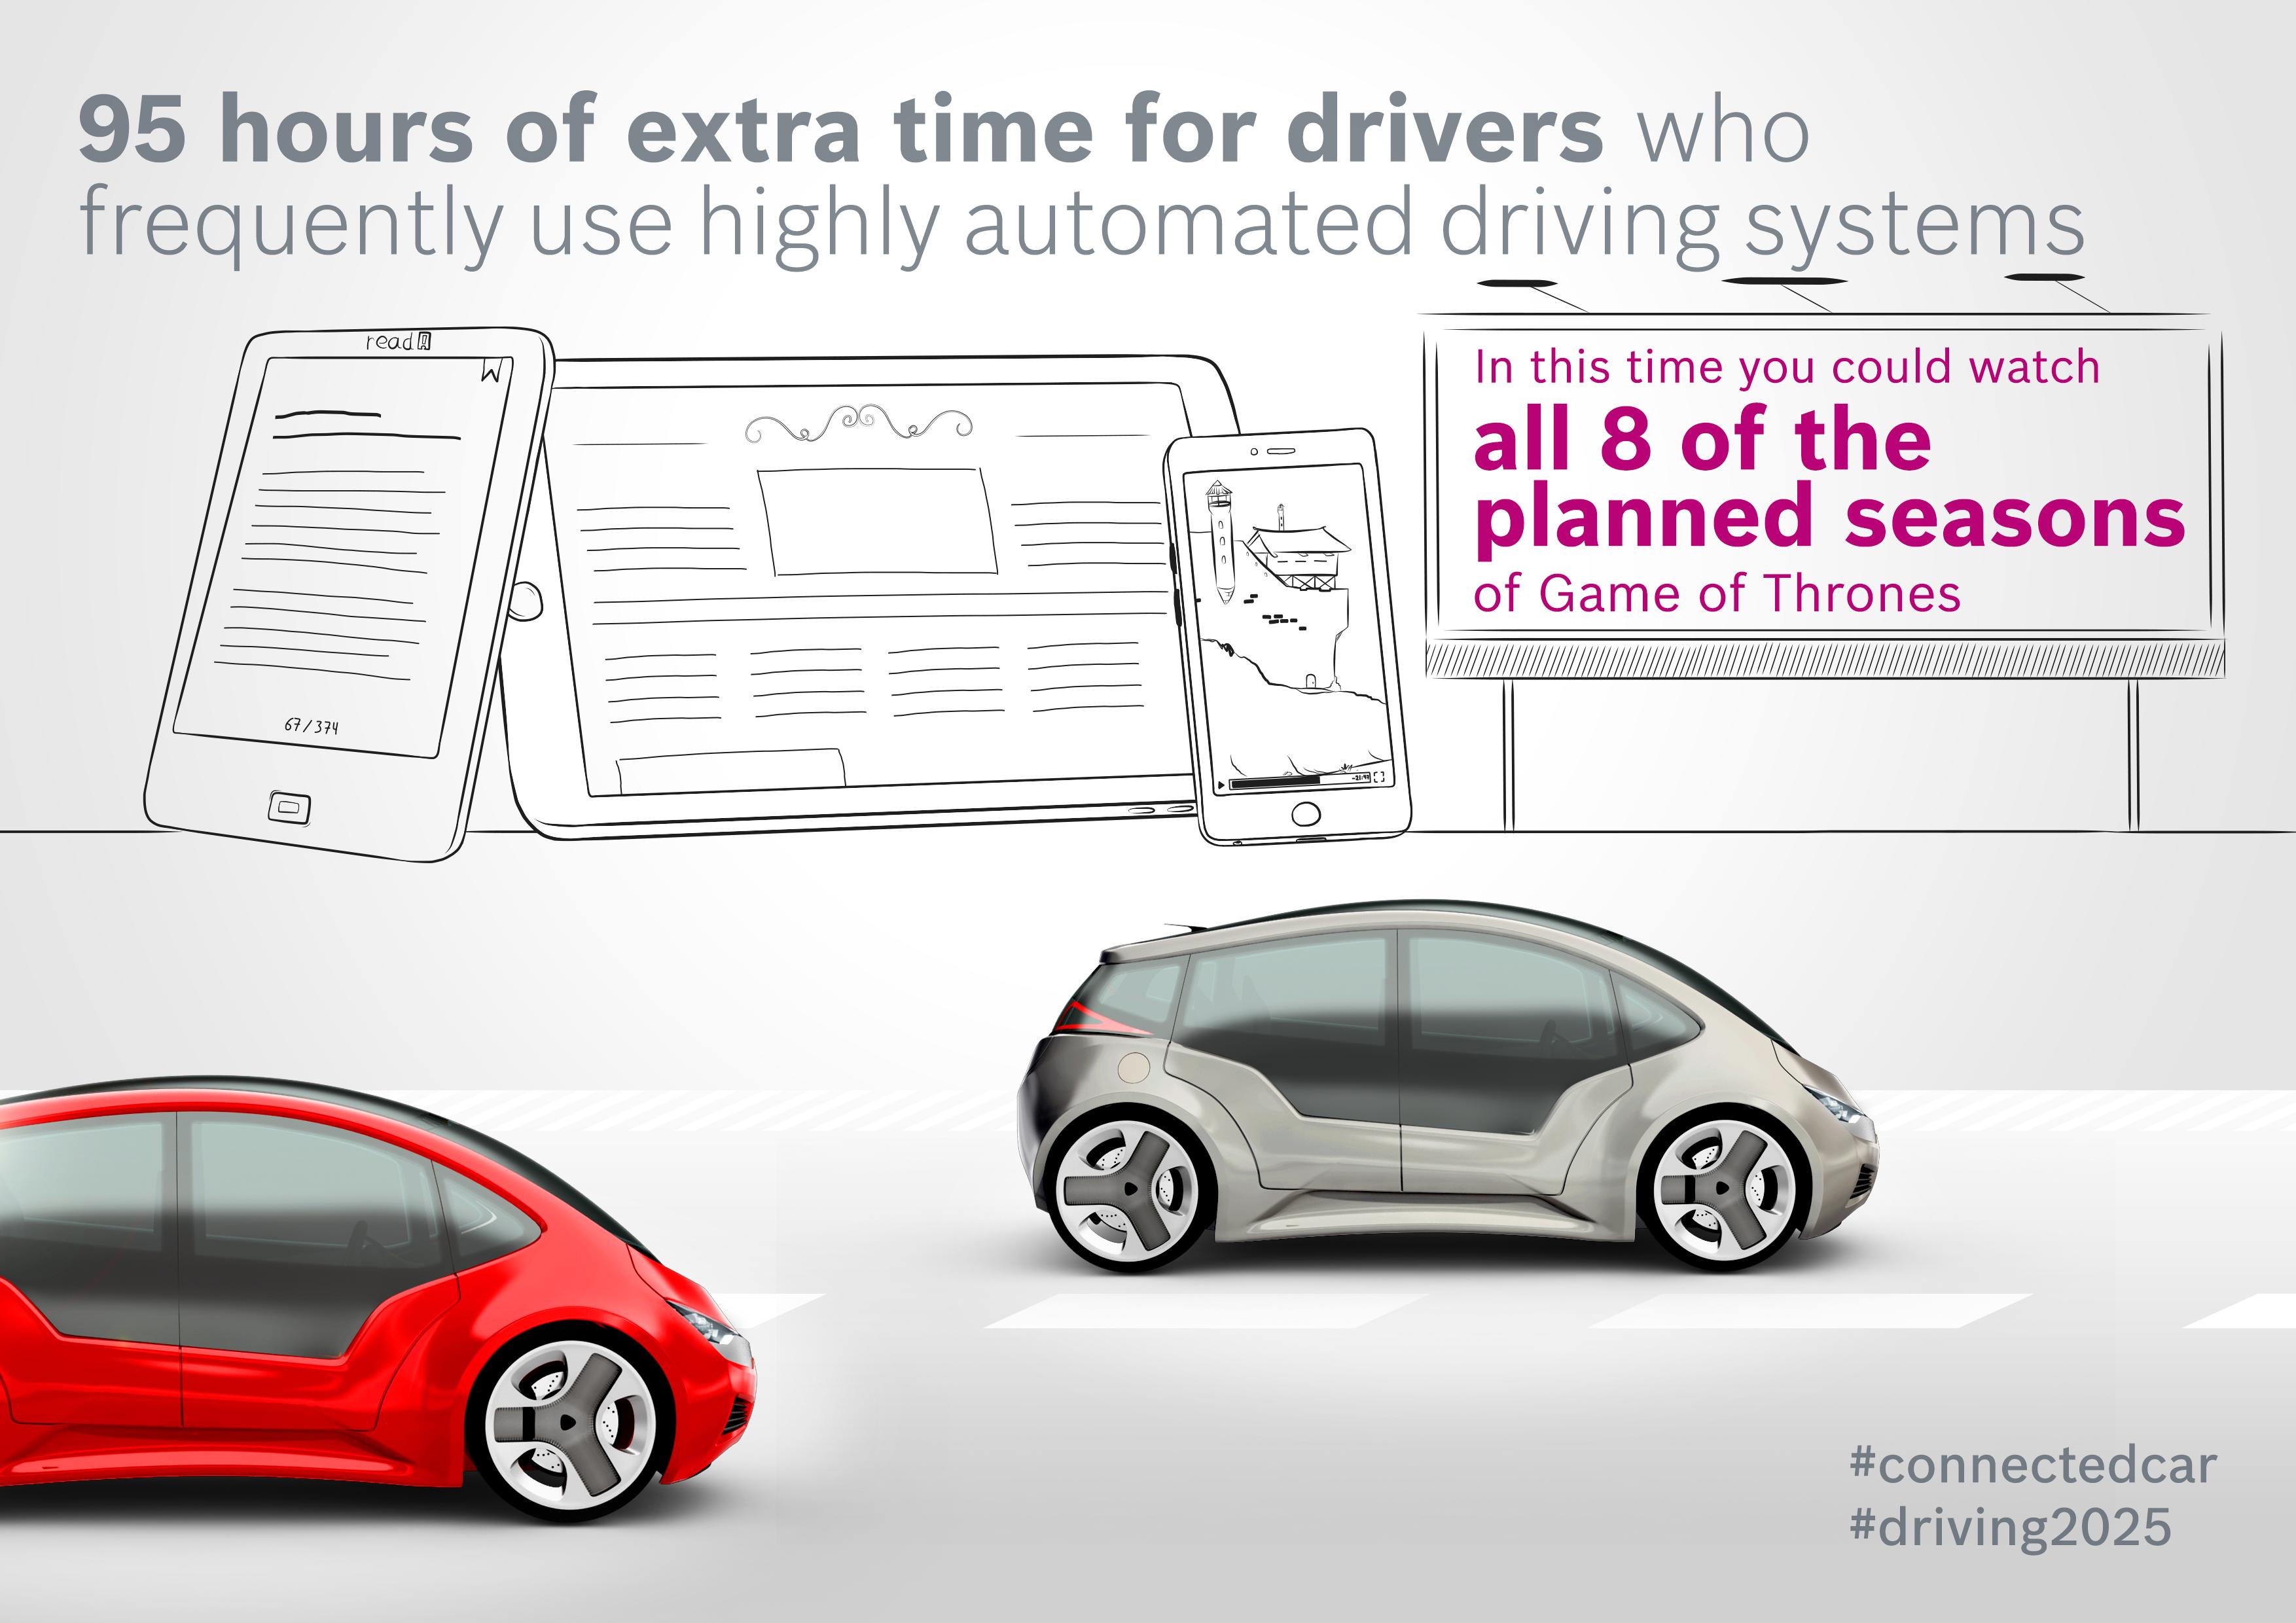 """Štúdia Bosch: """"Efekt prepojených vozidiel 2025"""": 95 hodín voľného času naviac pre vodiča"""